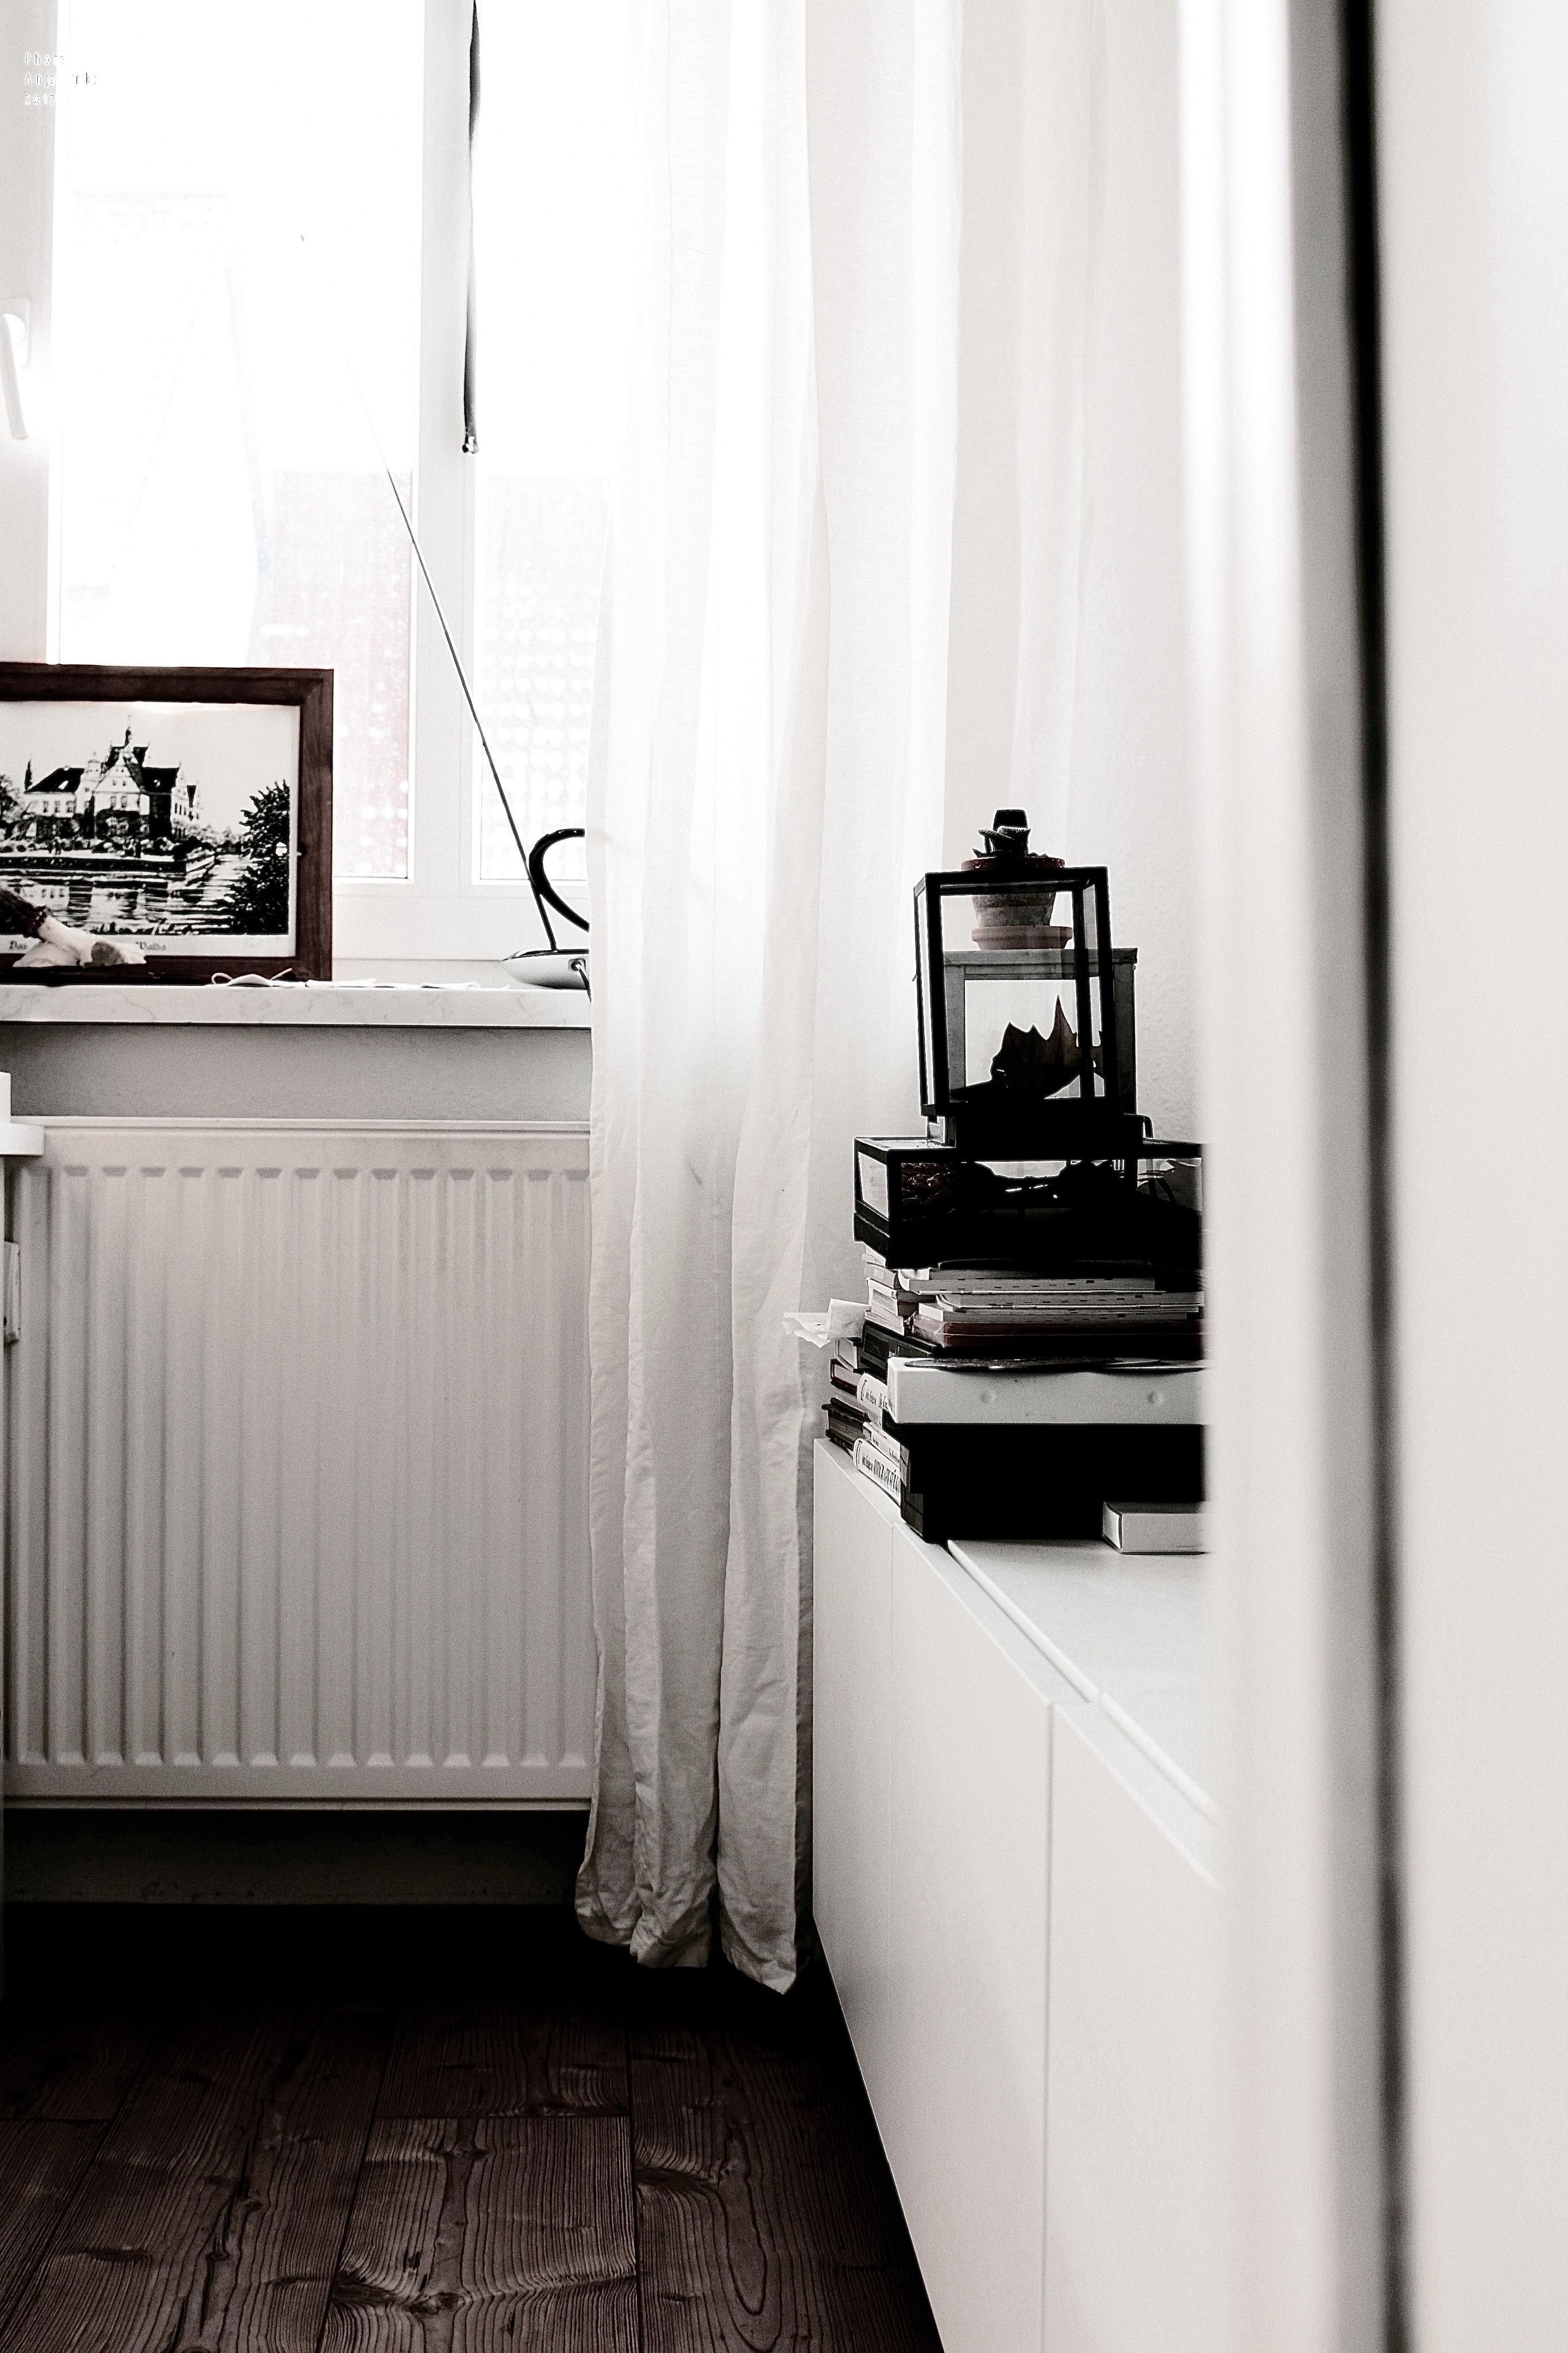 Hochgestapelt #wohnzimmer #altbau #heizung #ikea #laminat #vitrine  #zeichnung ©